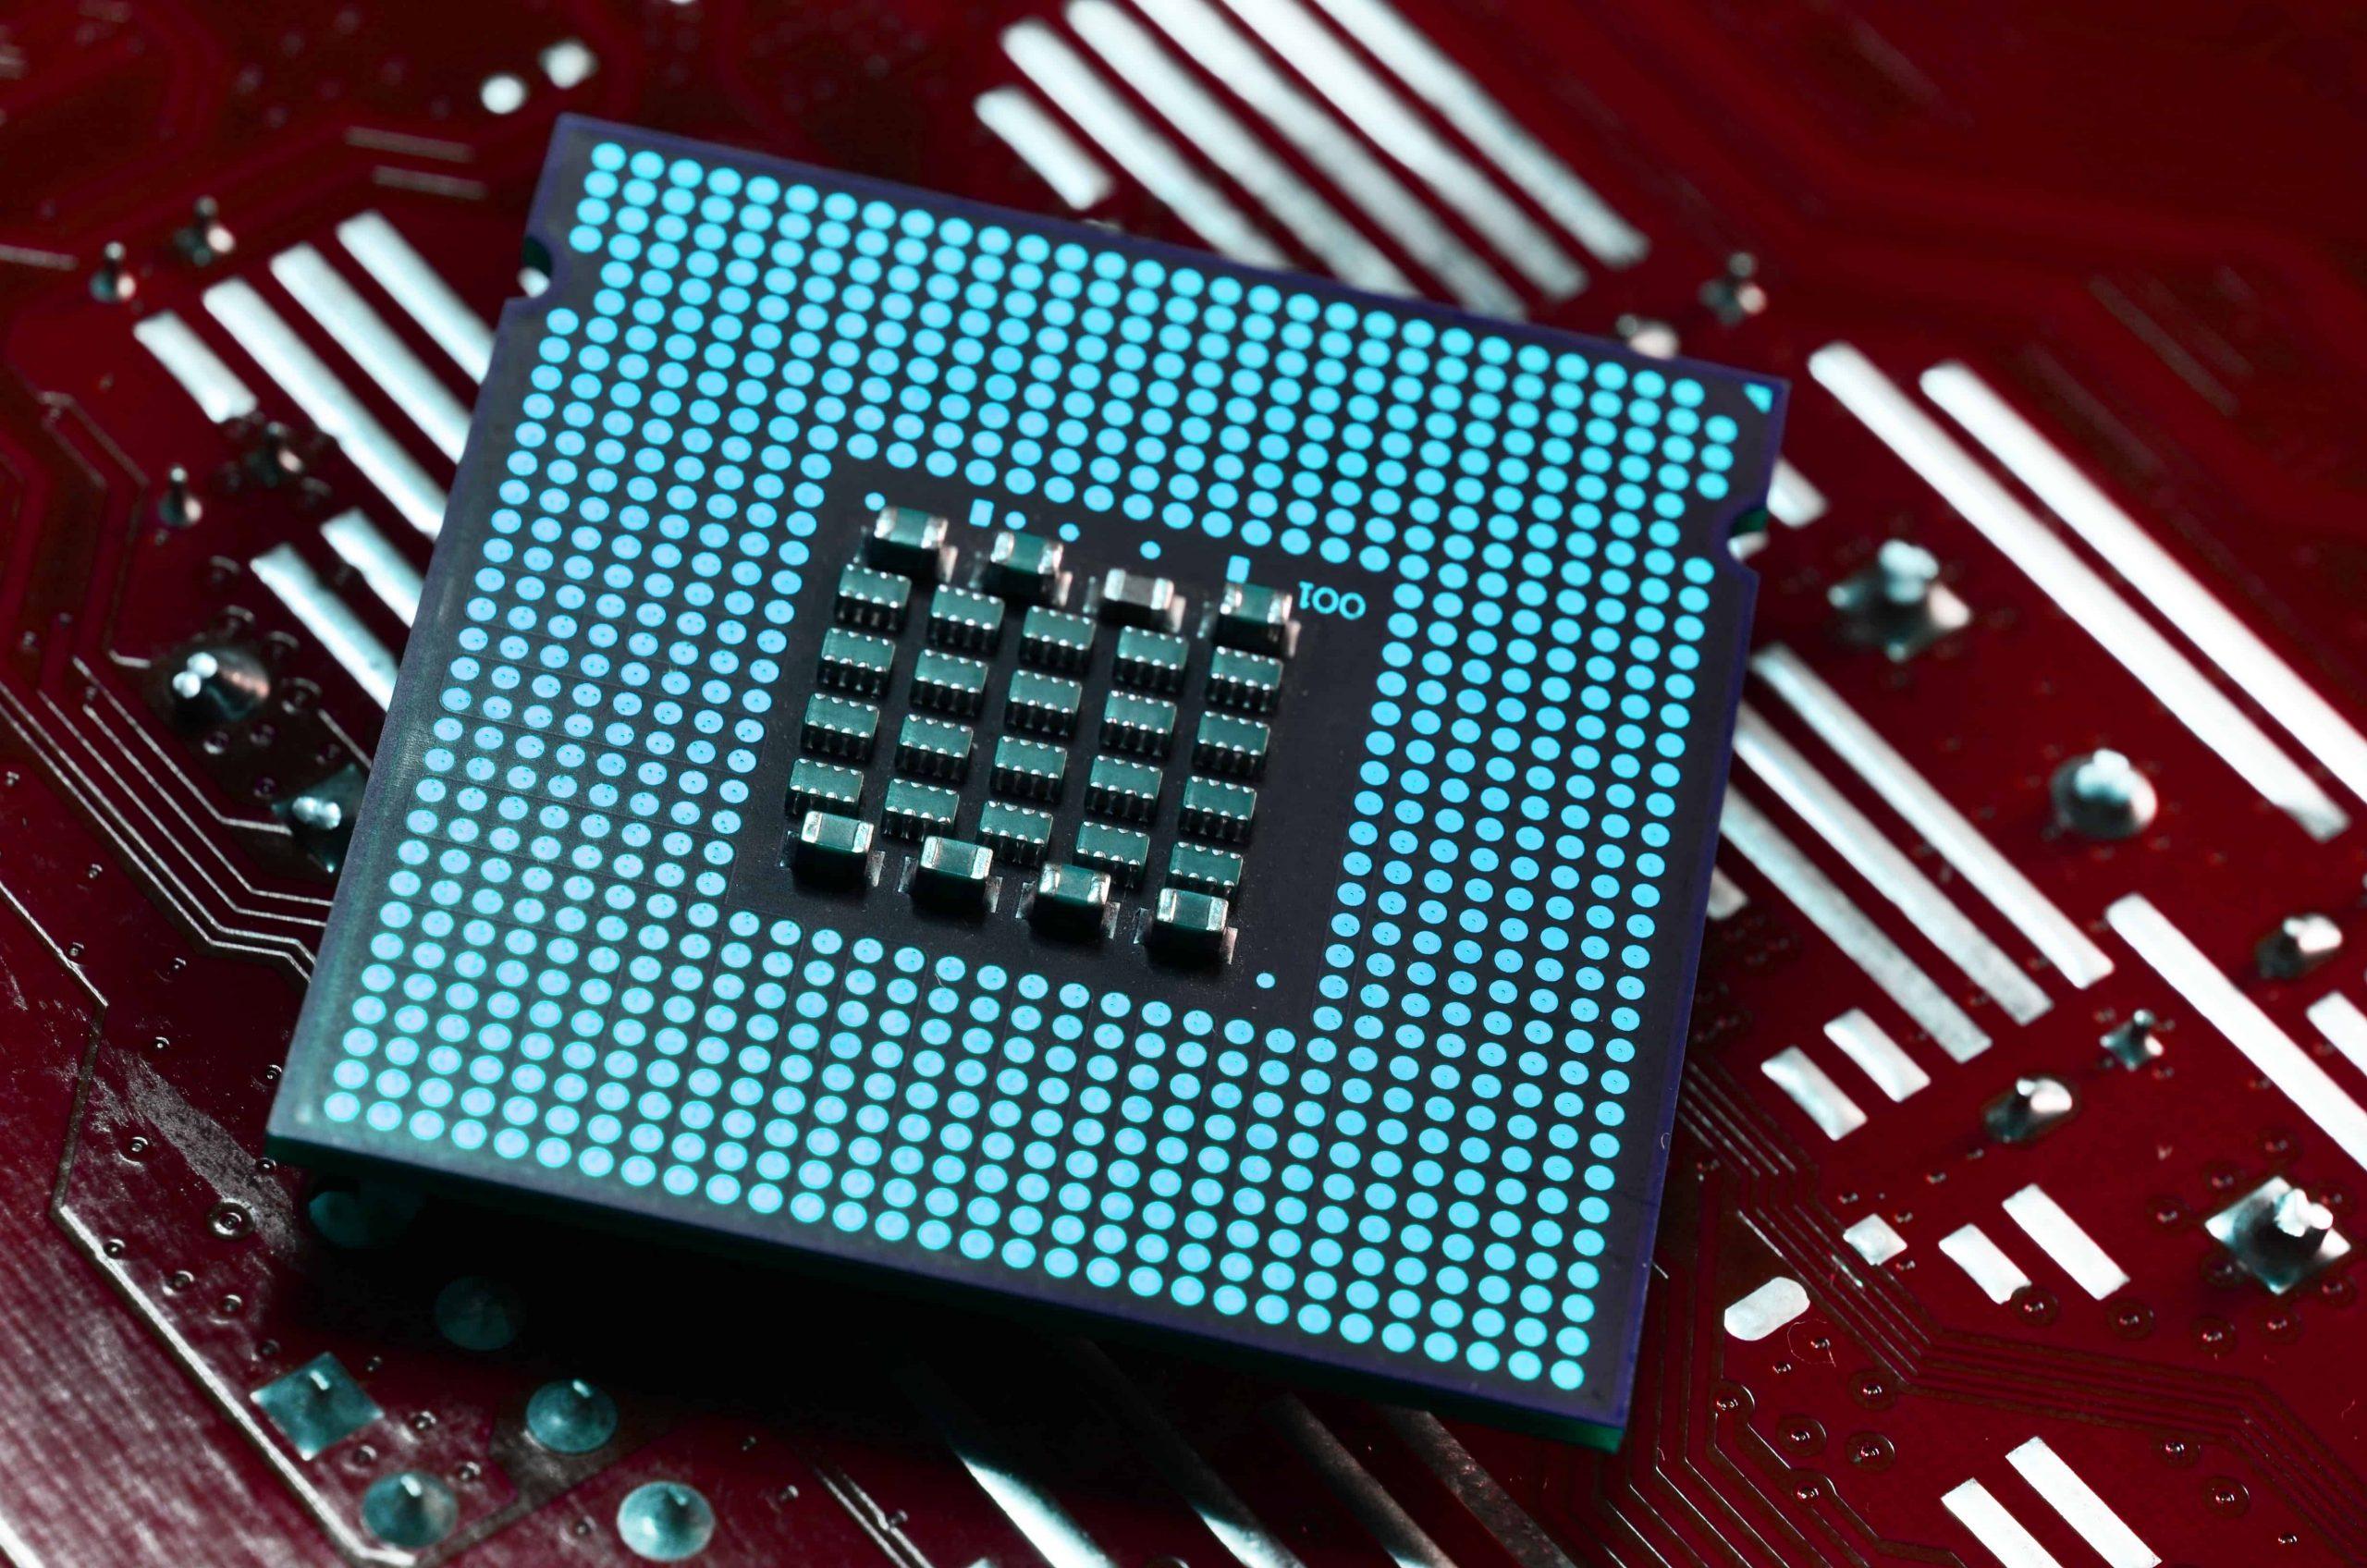 Miglior processore Intel 2021: Guida all'acquisto